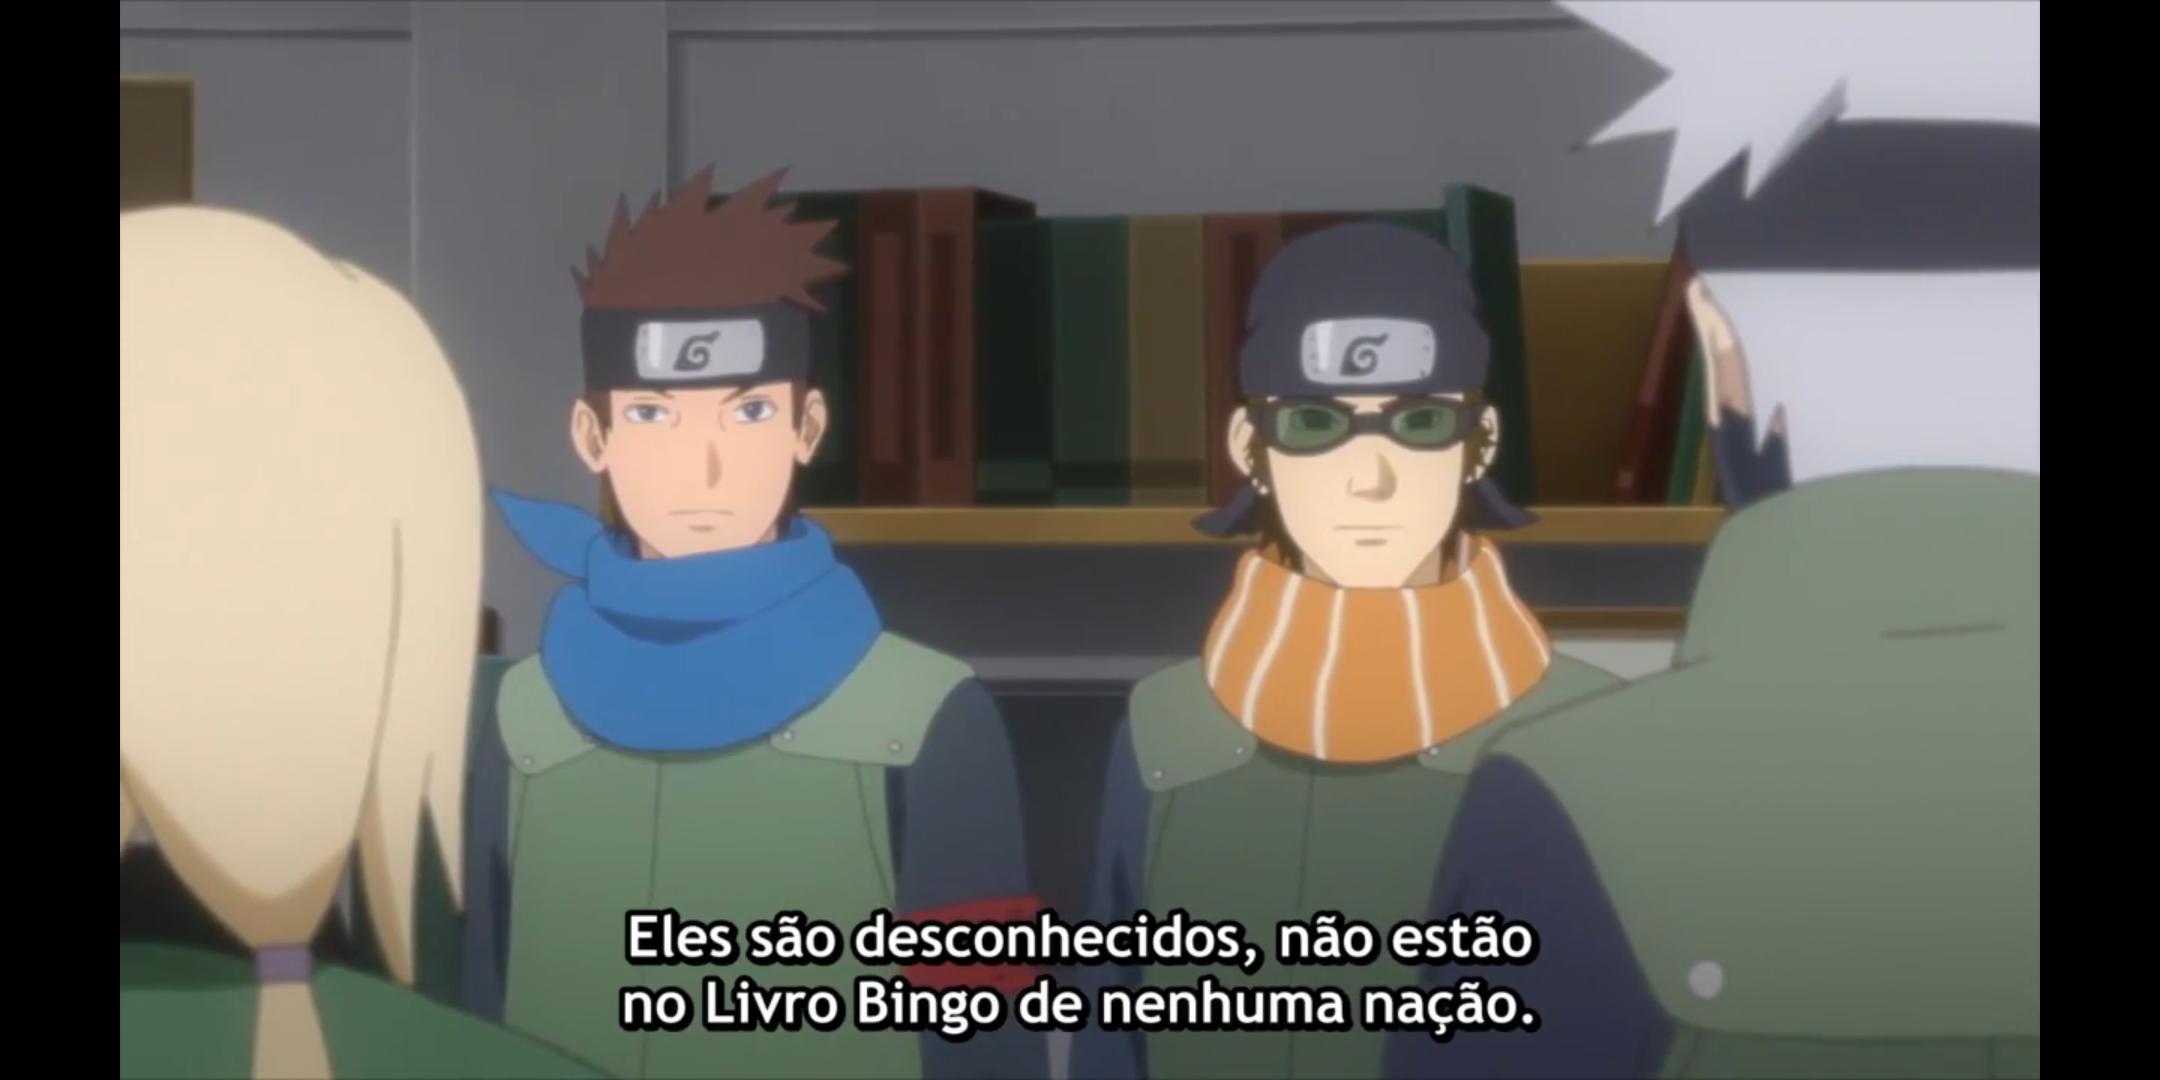 Episódio 176 de Boruto - Konohamaru e Mugino explicam que Deepa e Victor não estão no Livro Bingo